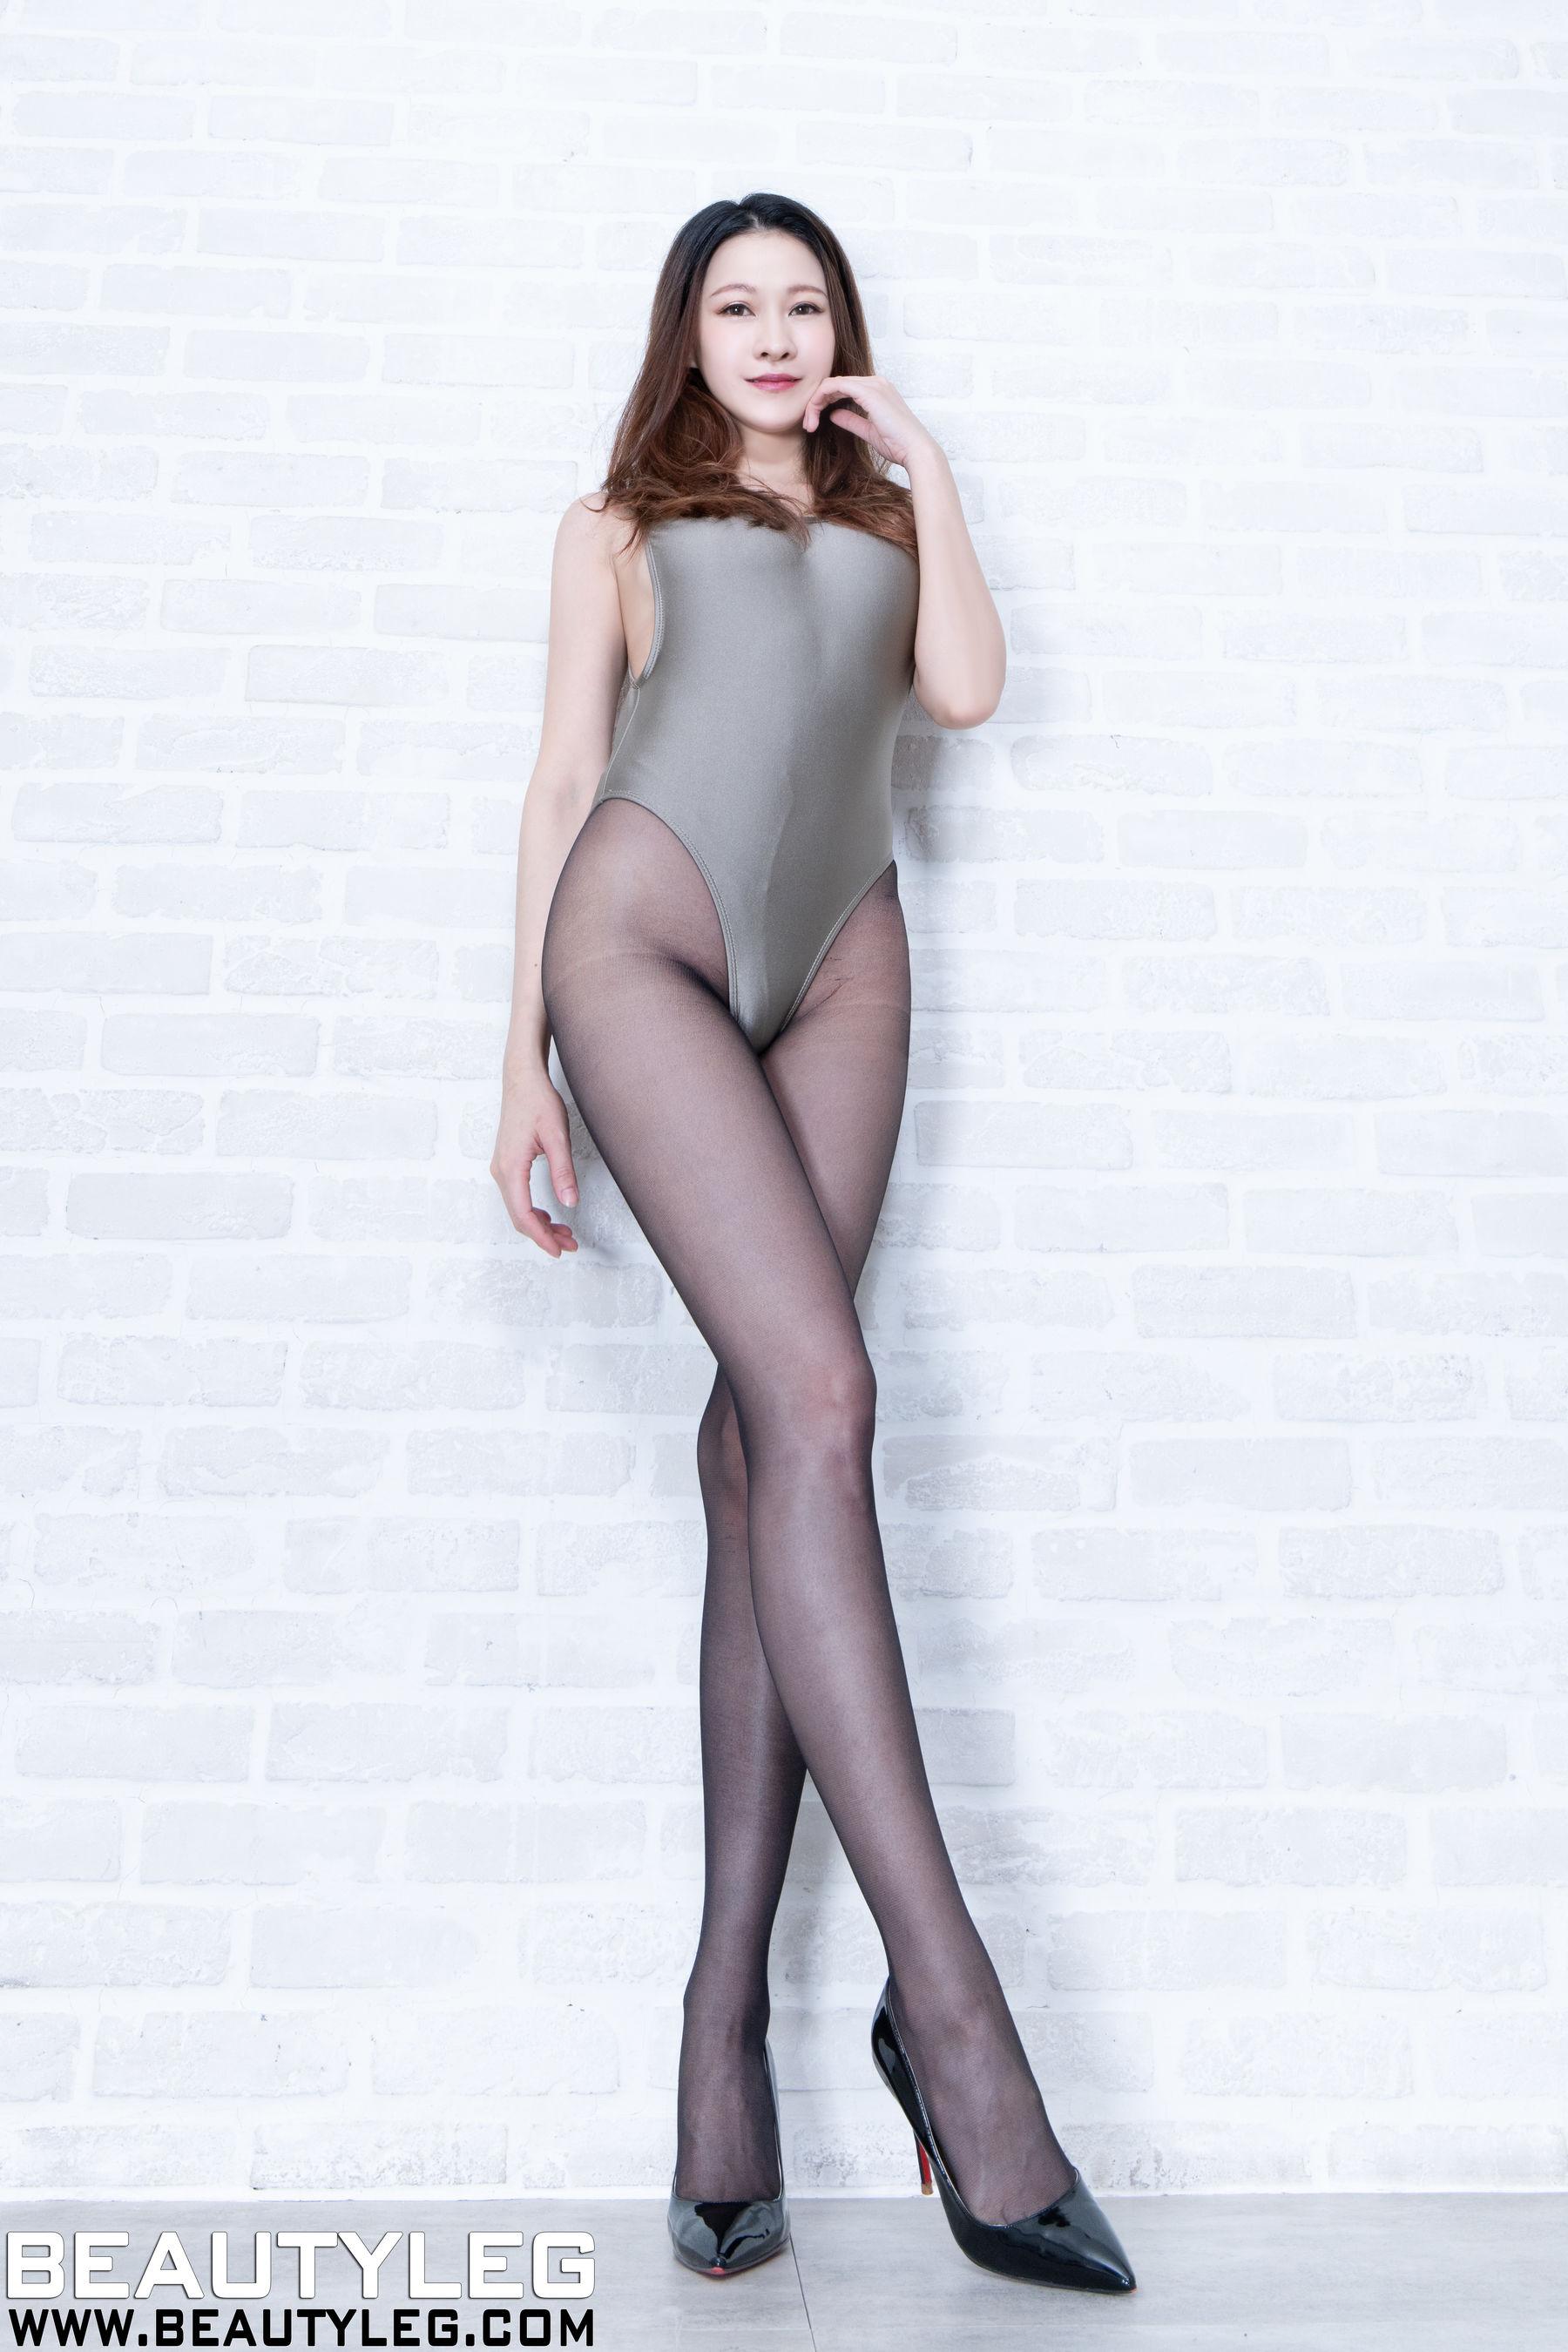 VOL.870 [Beautyleg]高跟美腿:黄镫娴(腿模Neko)超高清个人性感漂亮大图(39P)